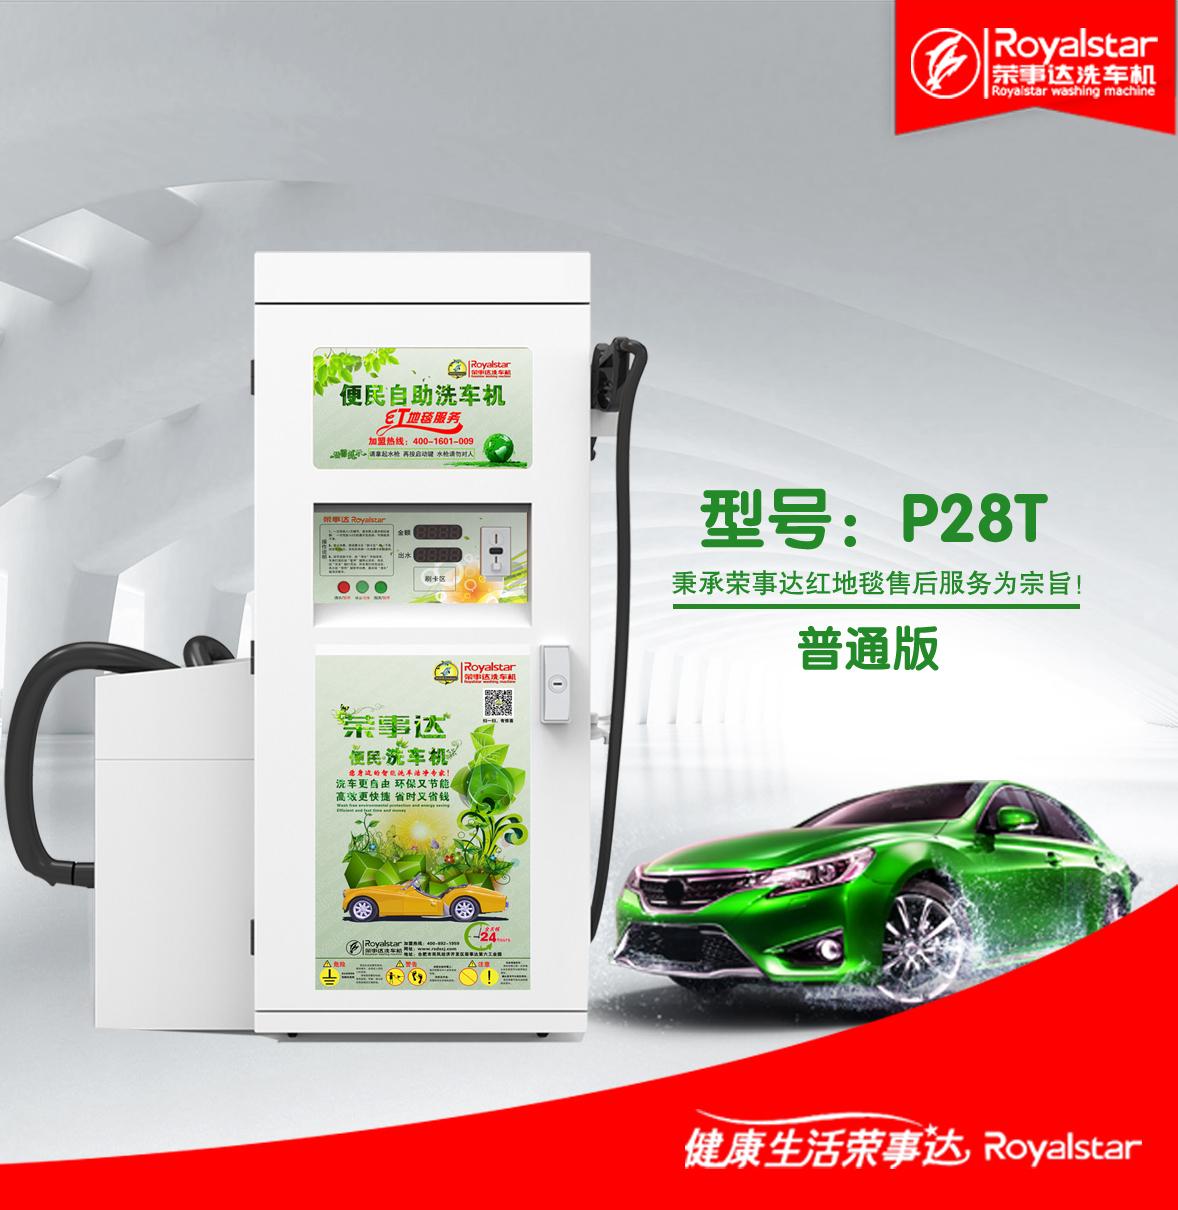 荣事达RSD-P28T自助洗车机,厂家直销,品牌保障